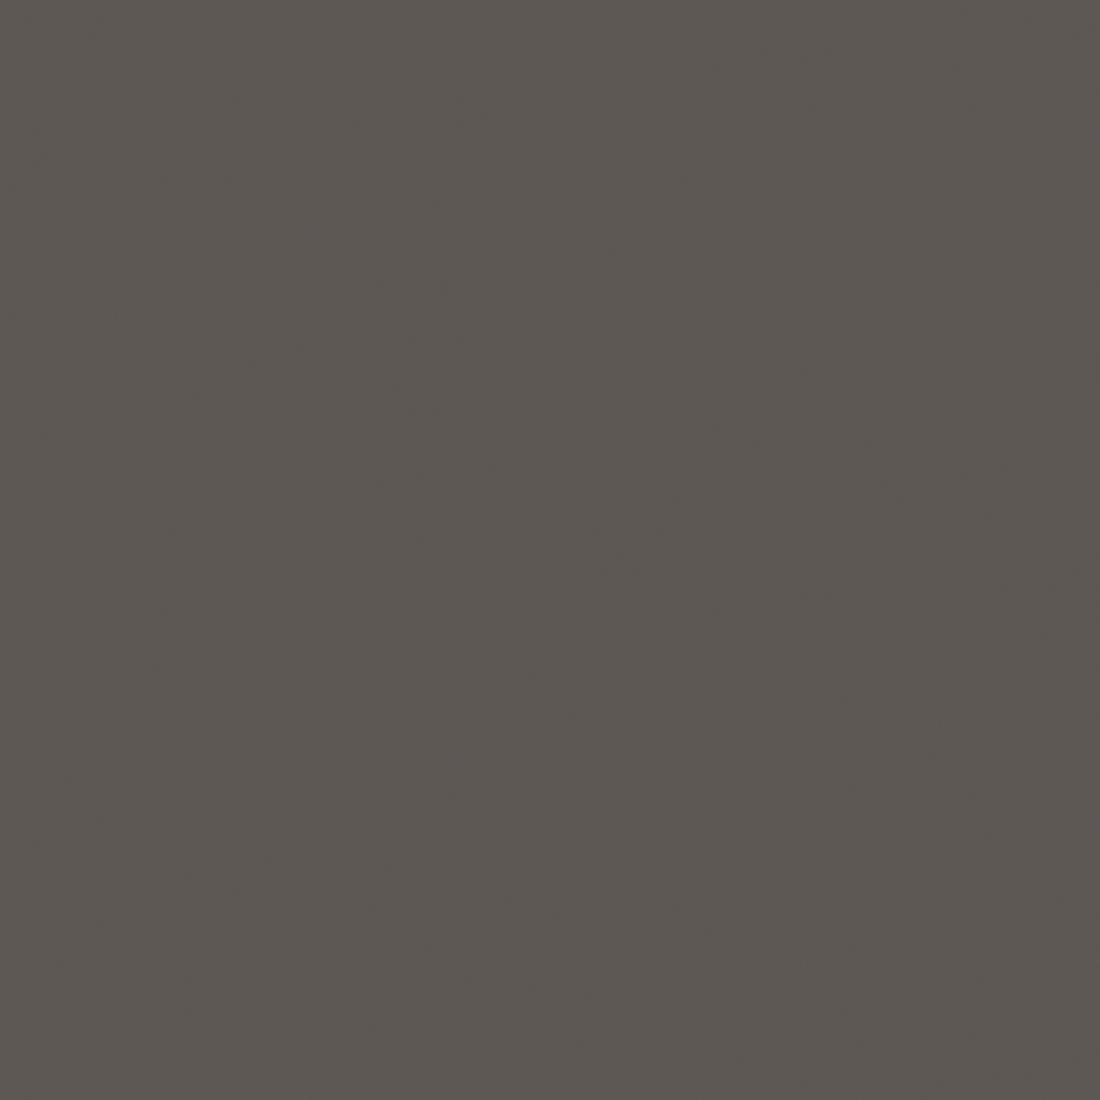 6299BS - Gris Cobalto